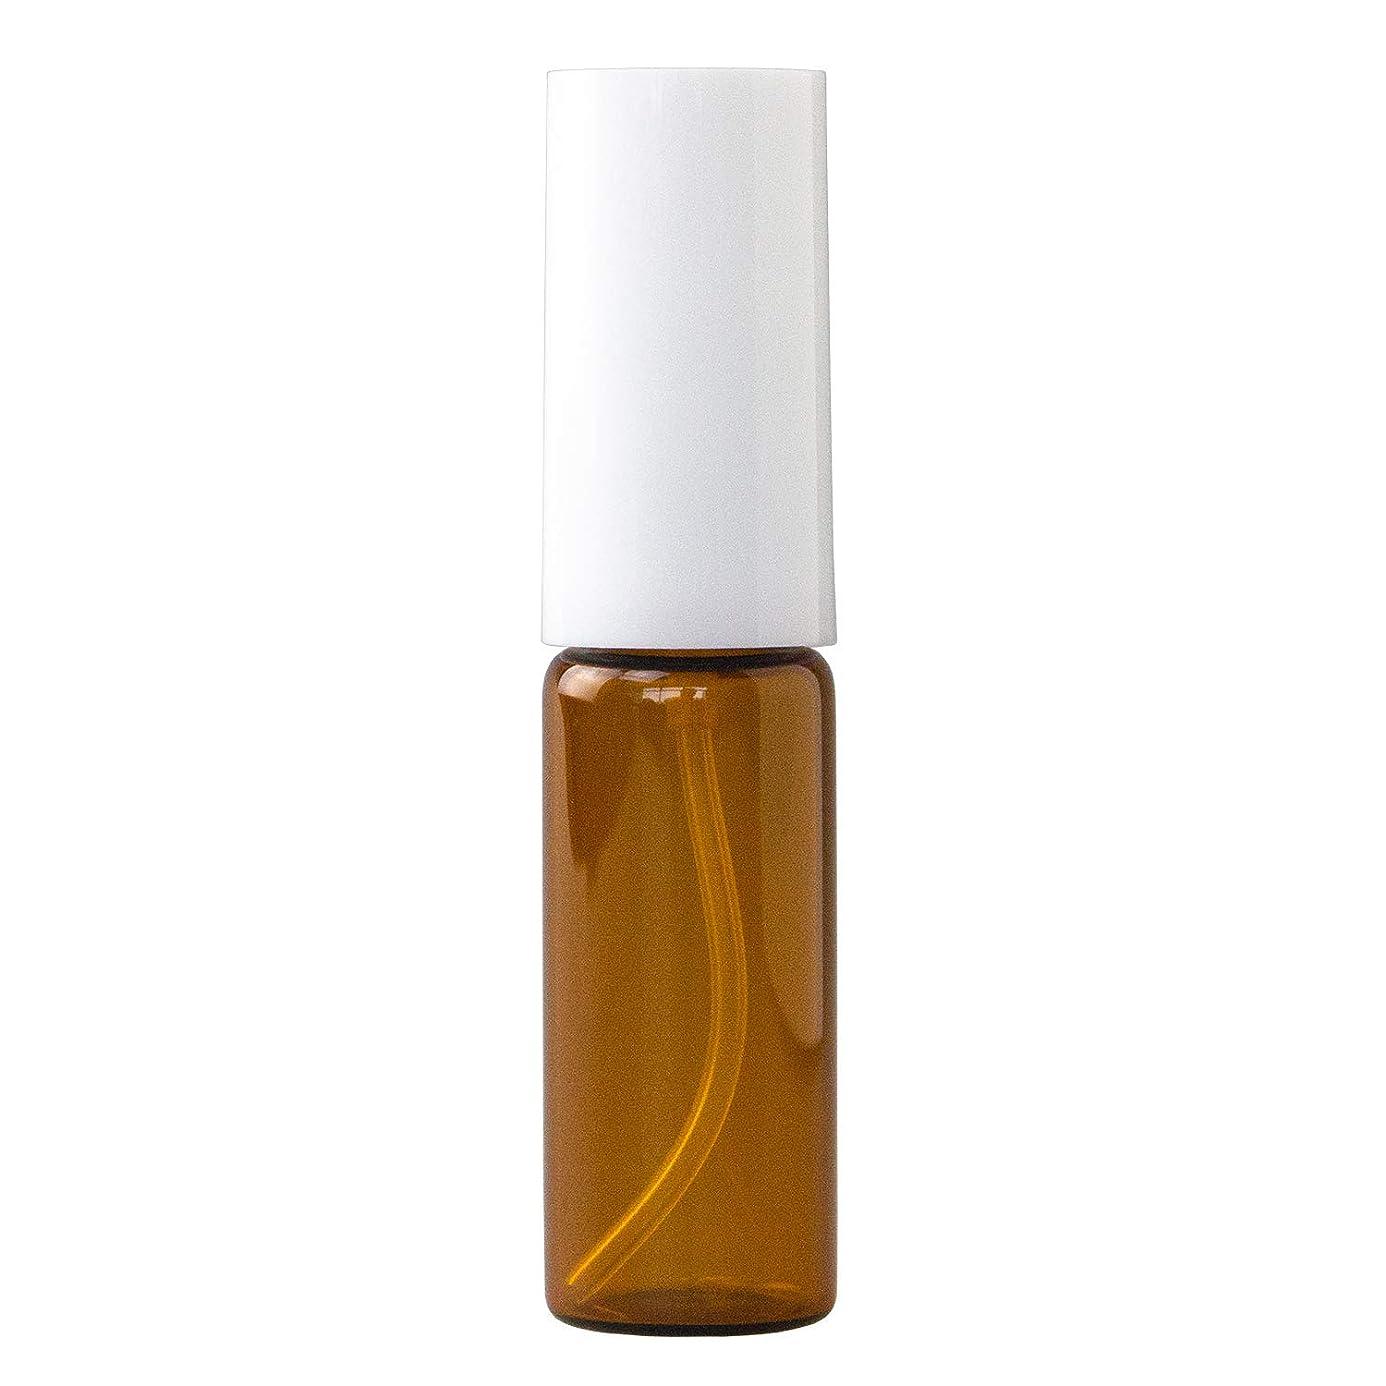 連鎖コンベンション小さな遮光スプレー容器 10ml (アトマイザー) 【化粧品容器】